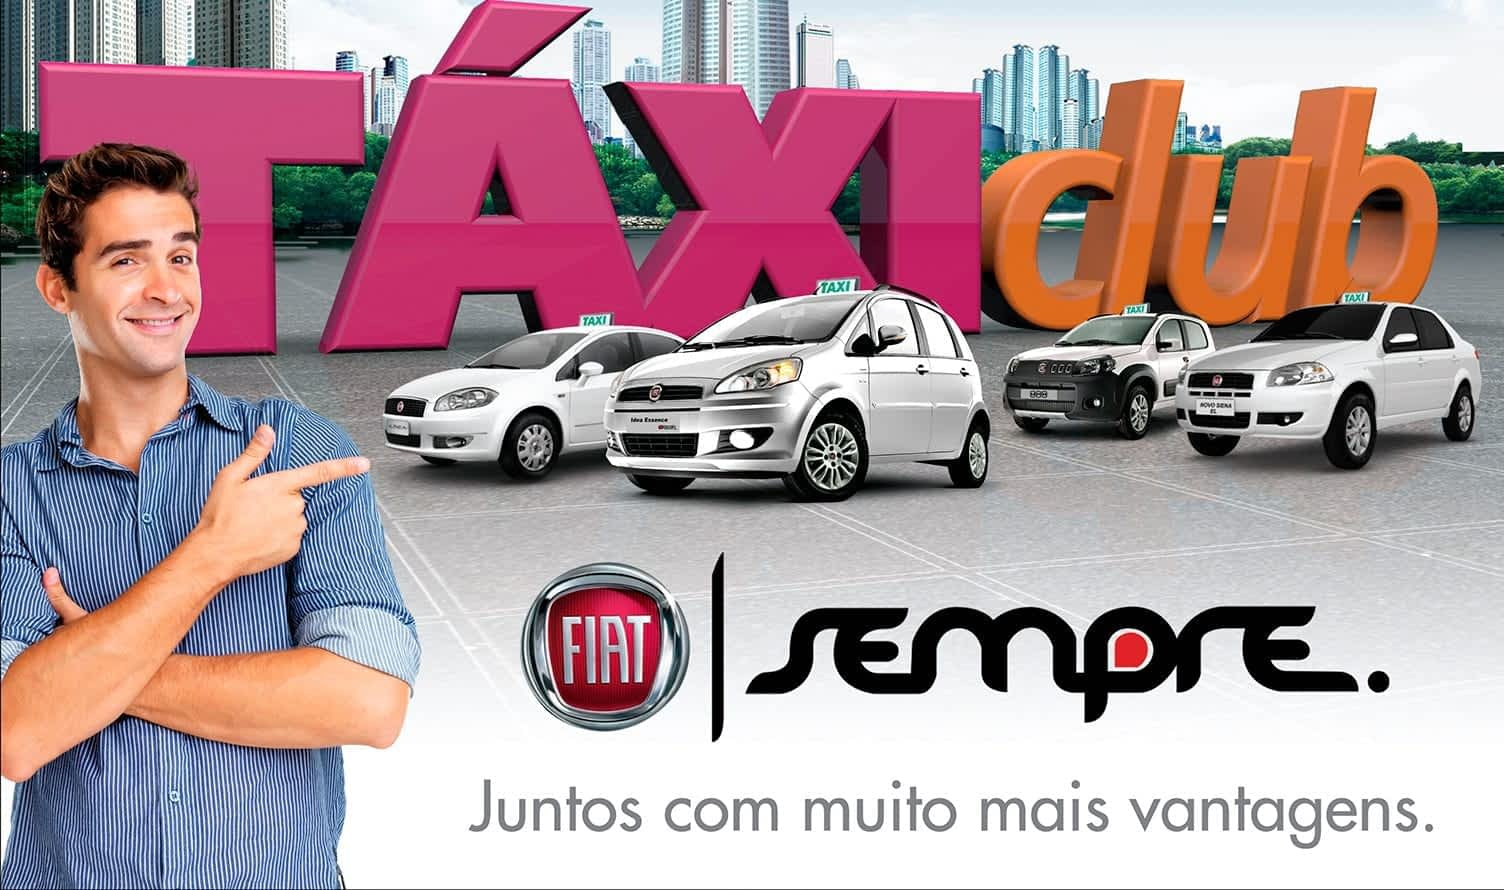 Taxi-club